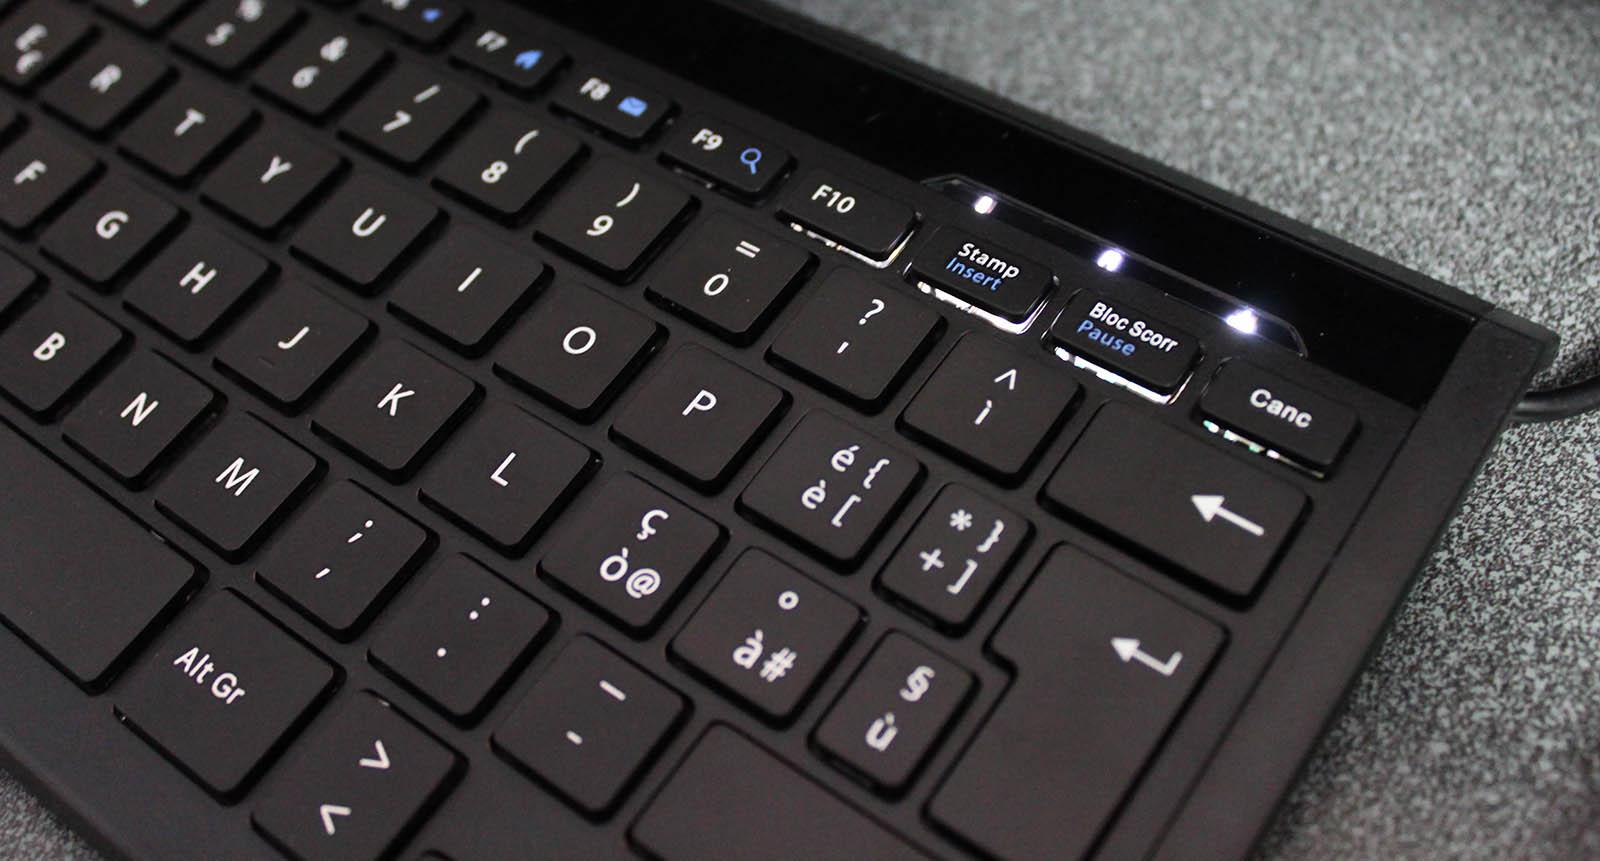 Tastiera USB Perixx Periboard-410